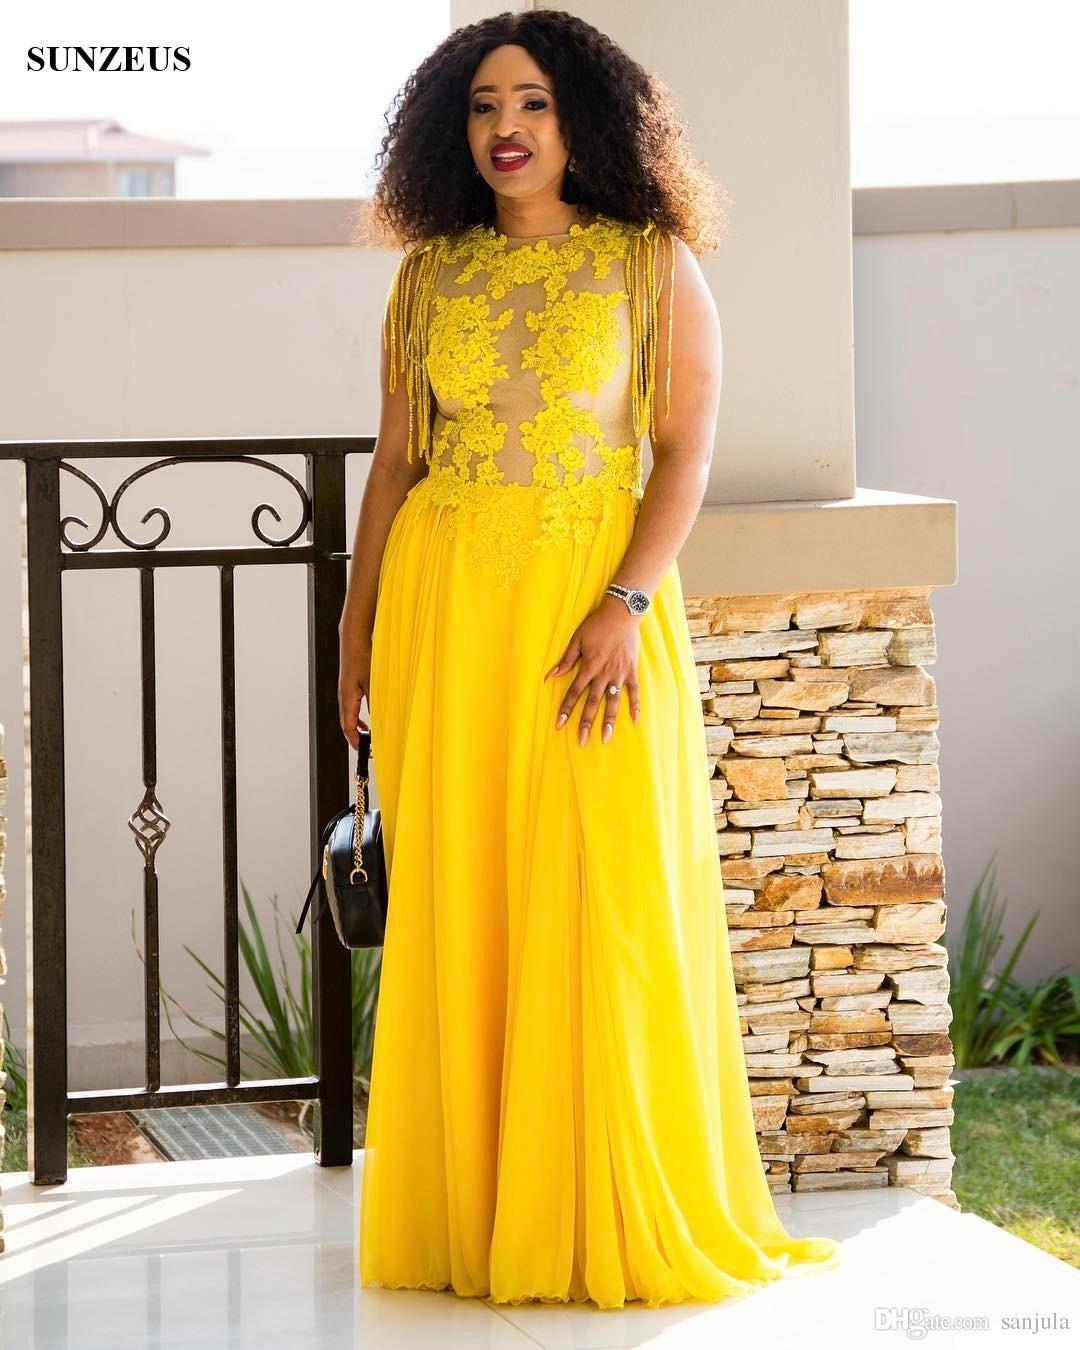 Ungewöhnlich Gelb Prom Kleid Kurz Galerie - Hochzeit Kleid Stile ...